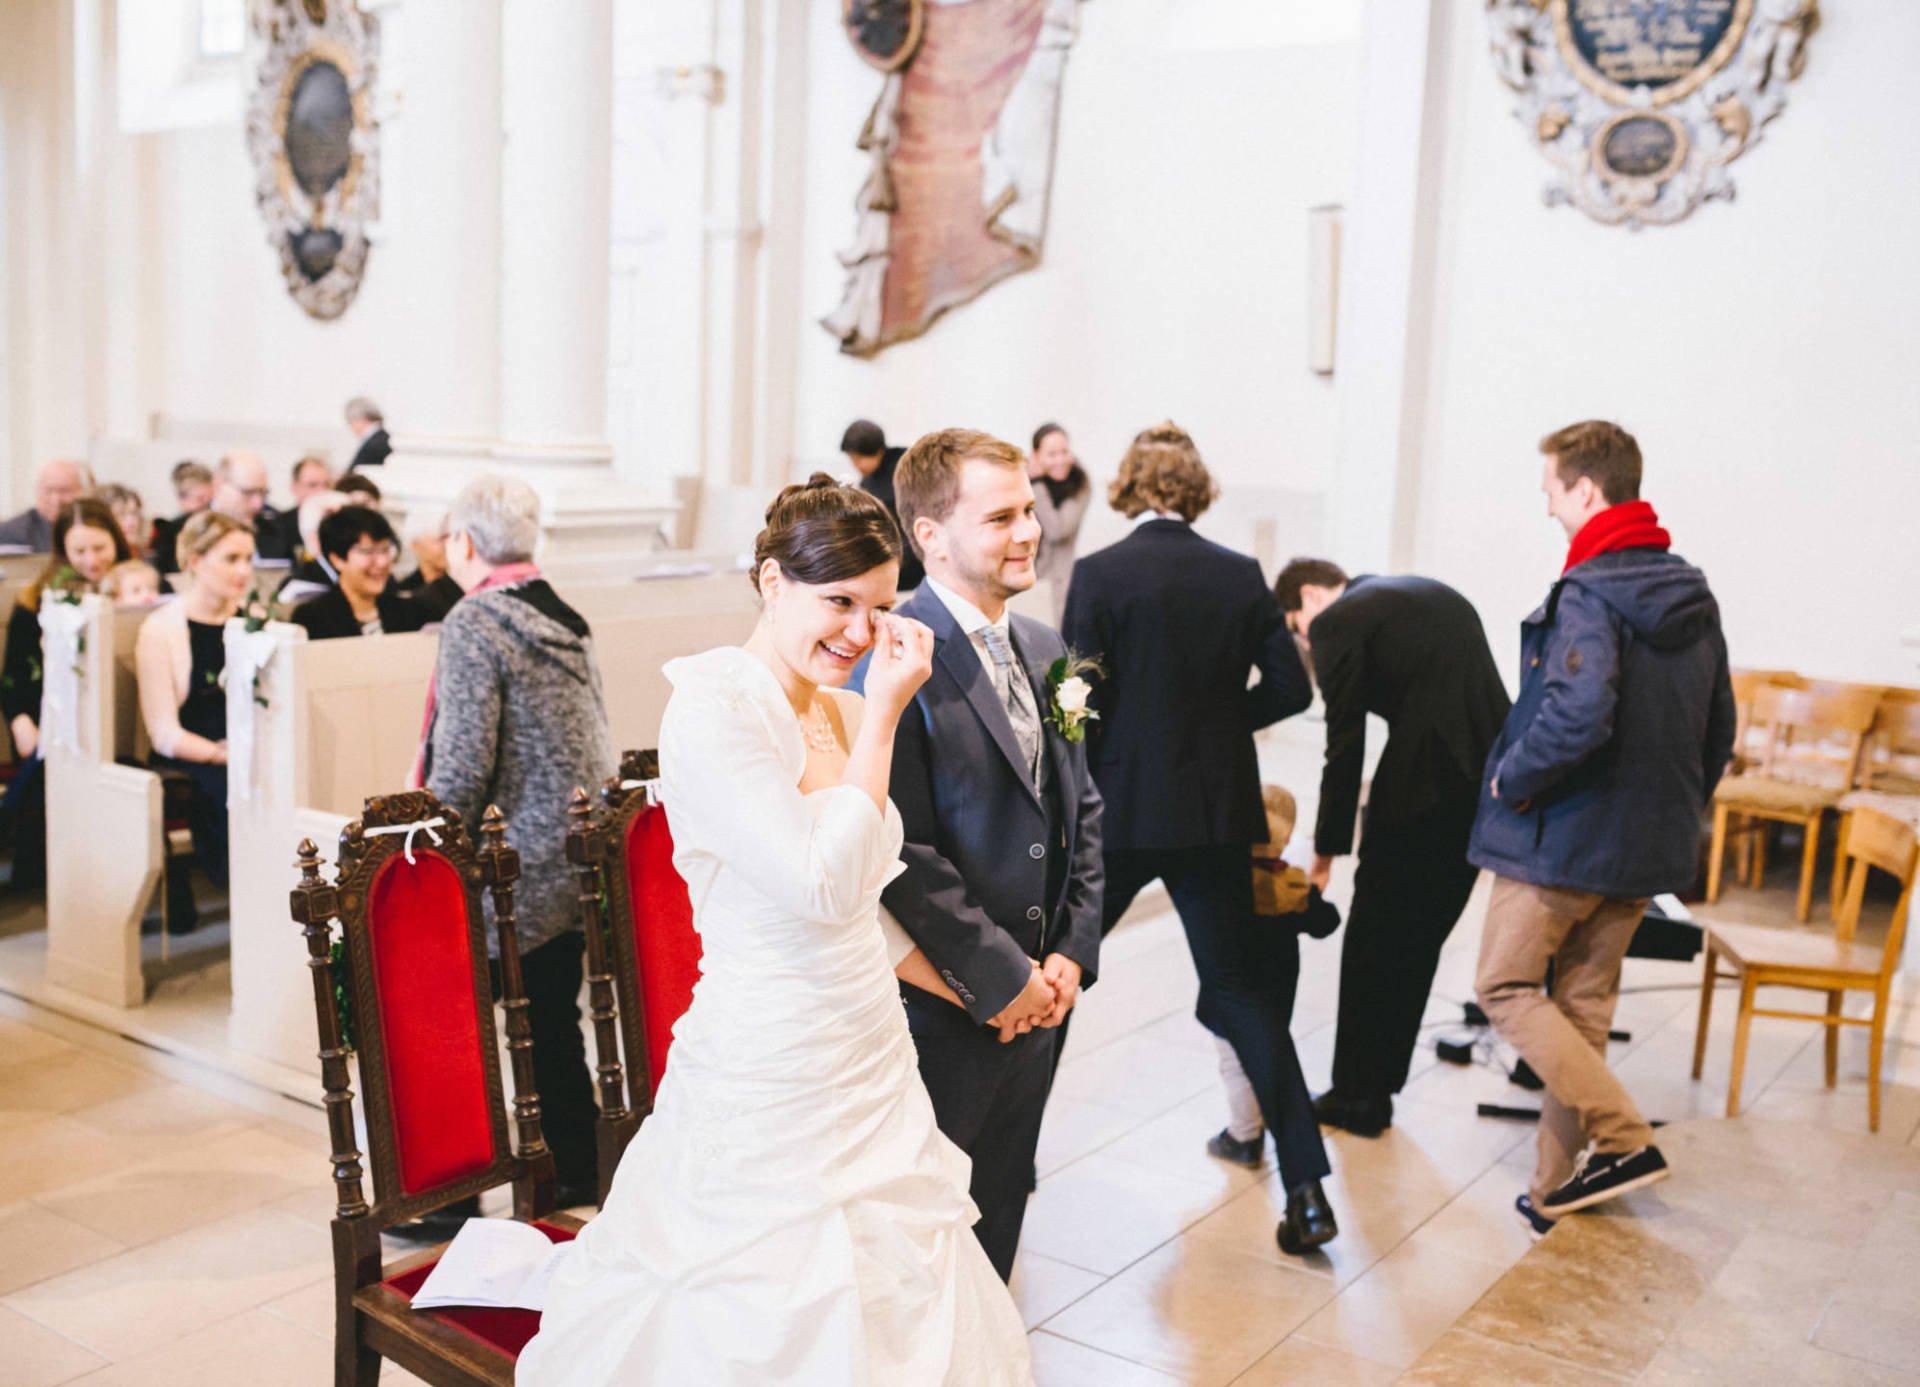 Hochzeitsreportage | Hochzeit im Paradies Jena | 35